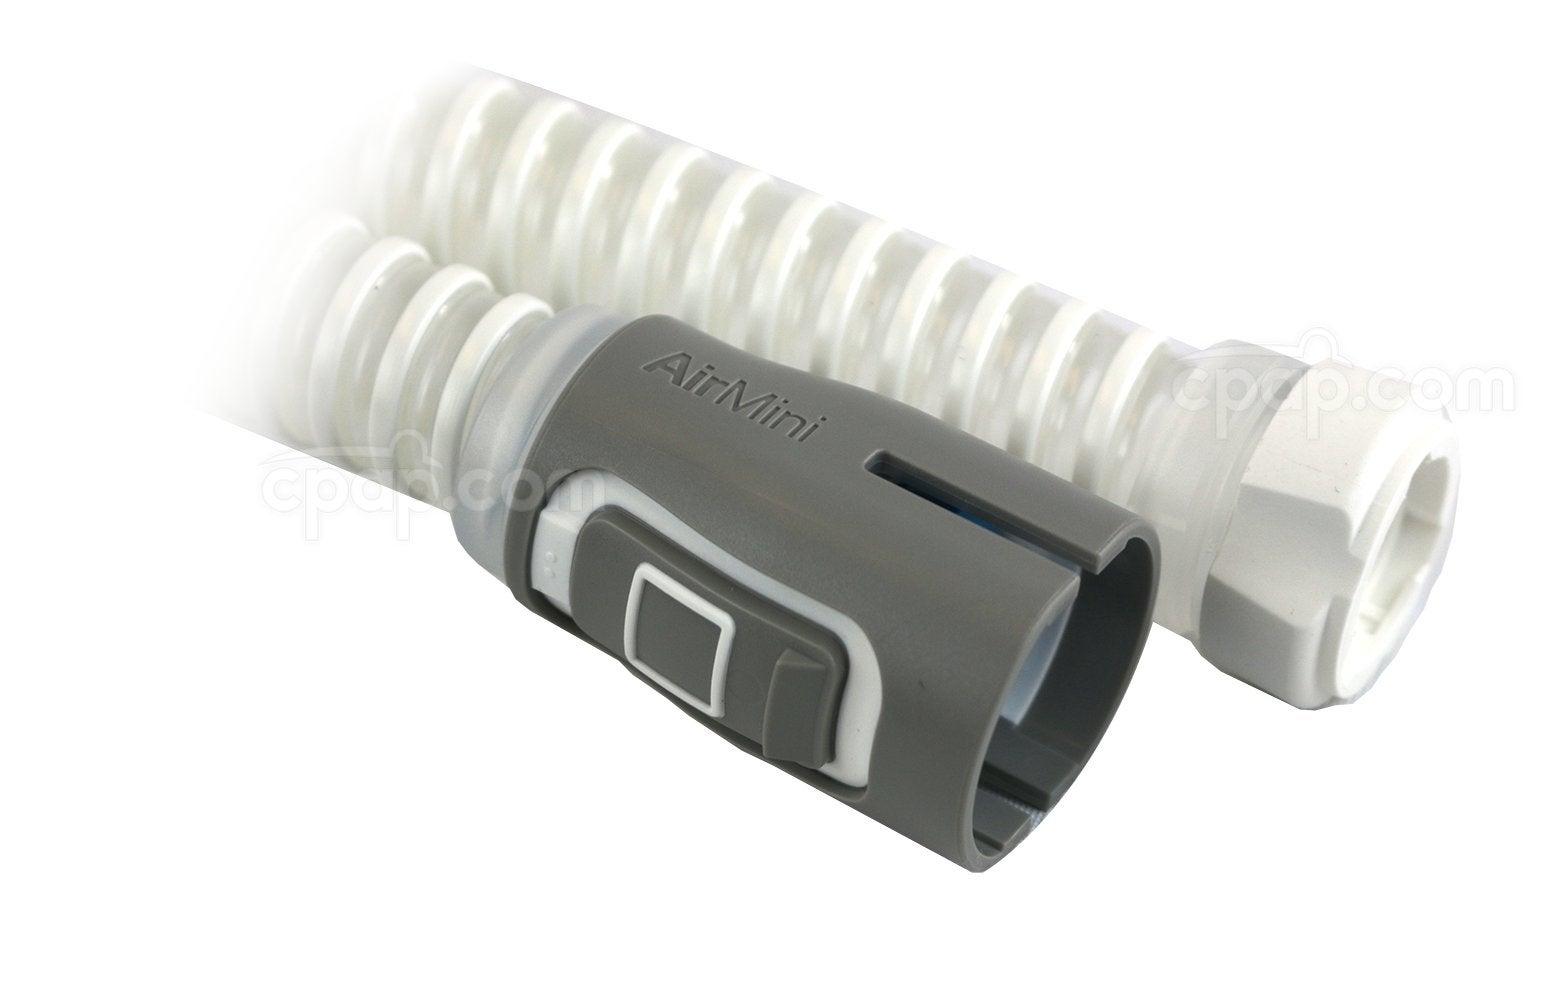 AirMini Tubing - Close Up of Connectors